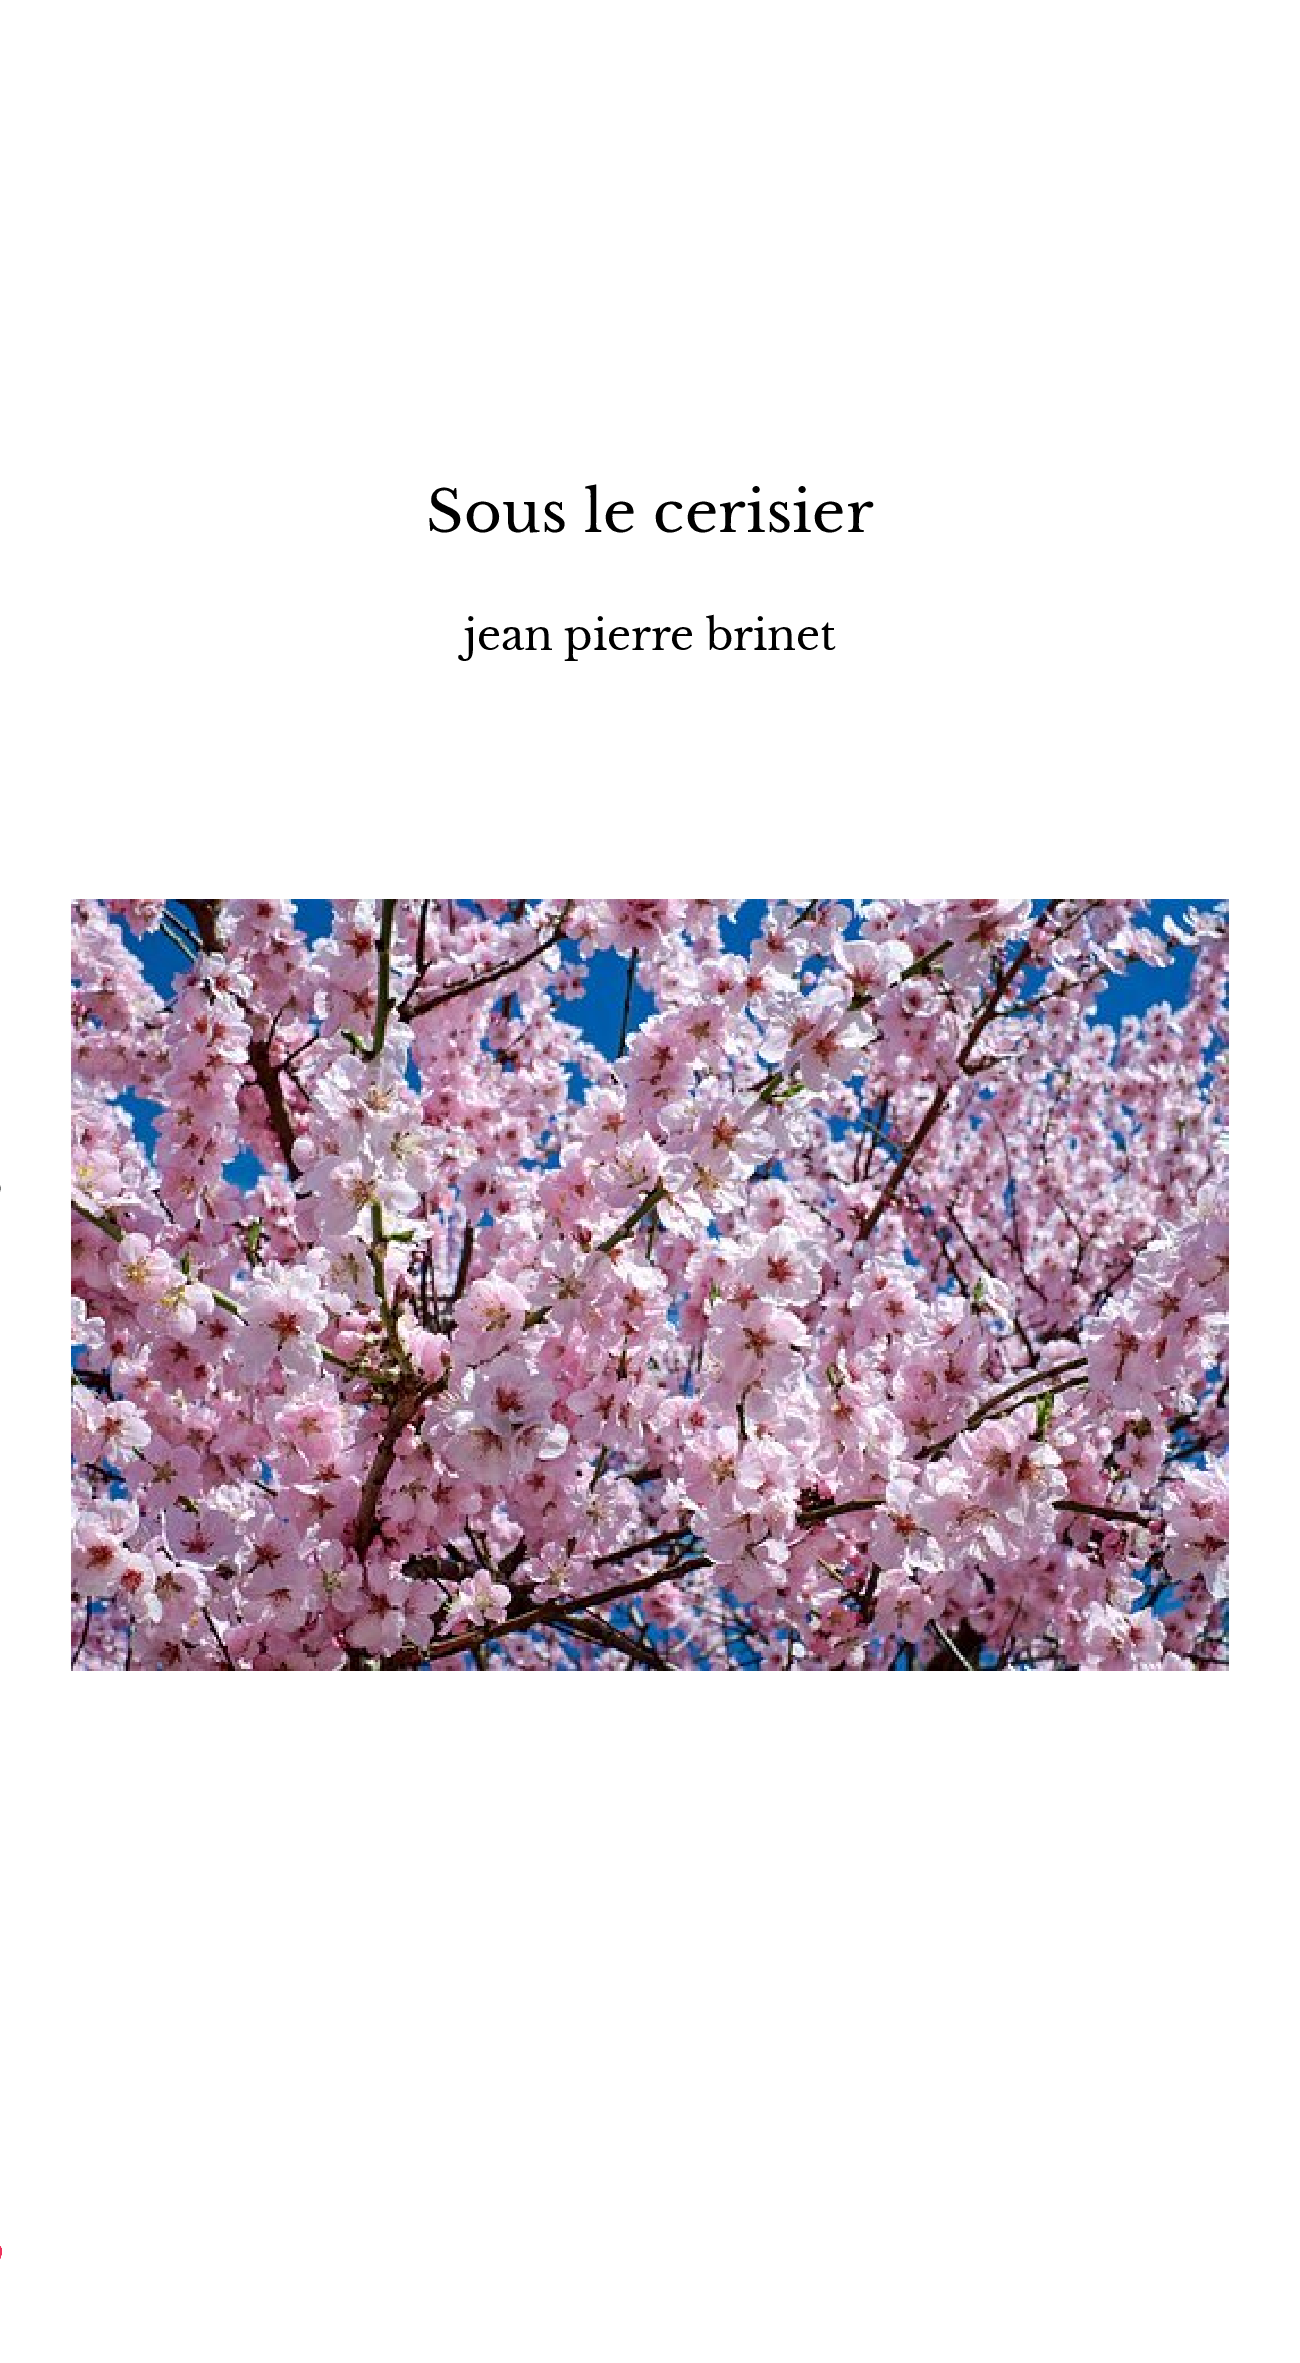 Sous le cerisier